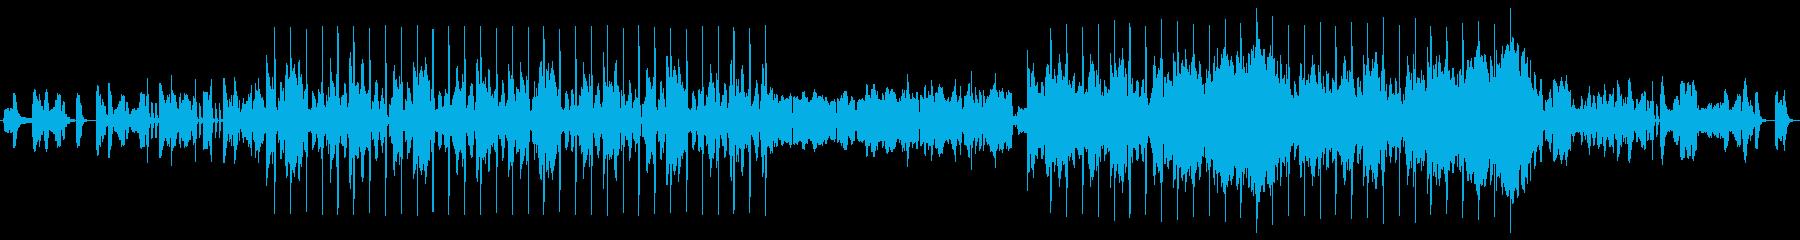 尺八とHipHopのリズムが融合の再生済みの波形